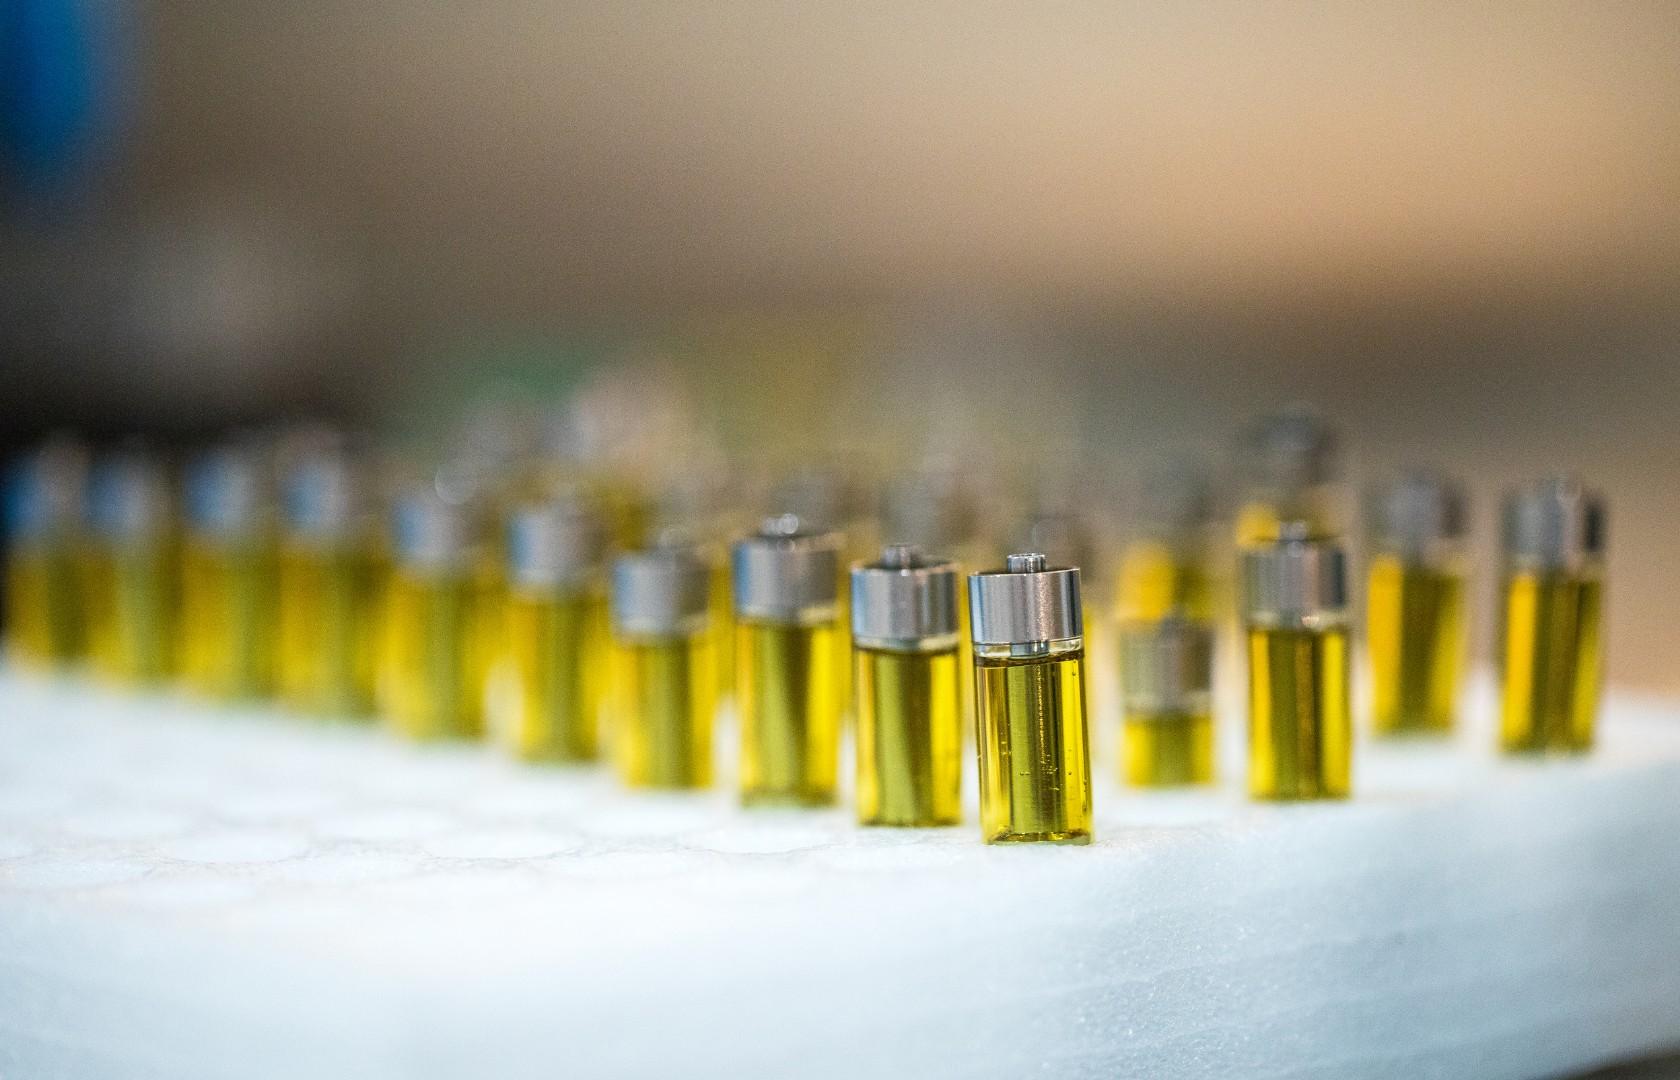 weed-vape-cartridges-manufacturing